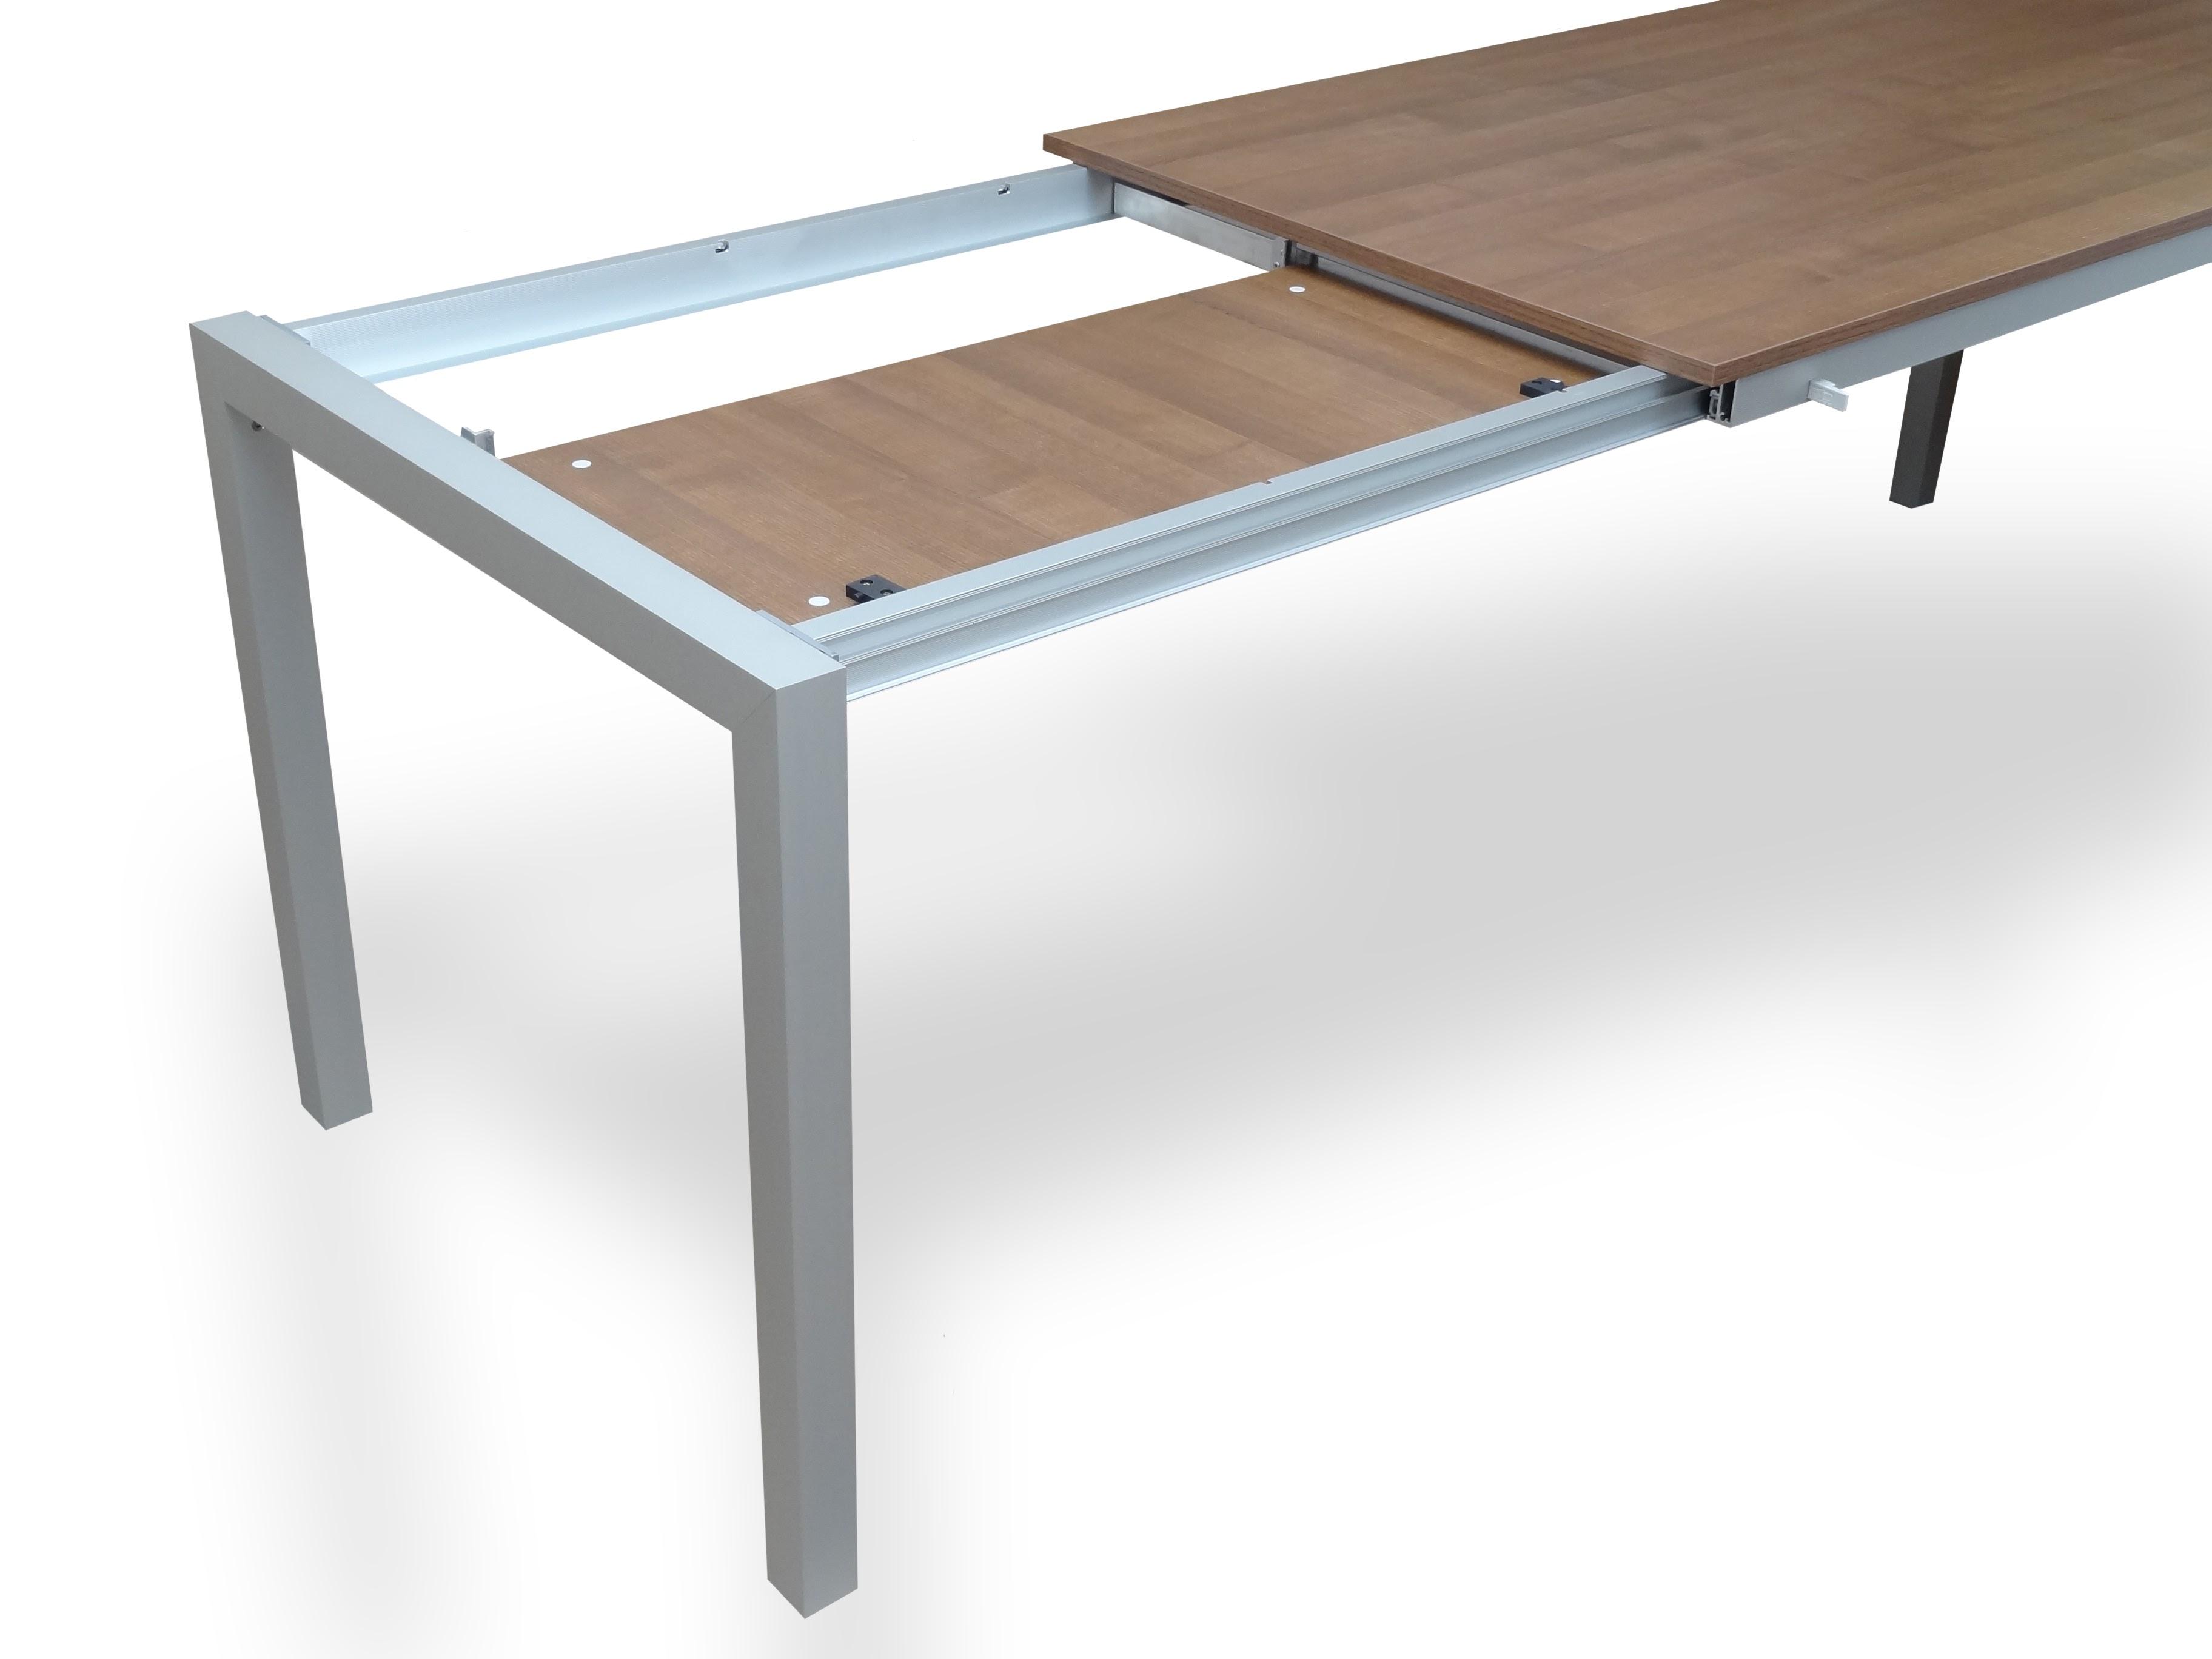 hliníkový rozkládací stůl na míru DUETTO